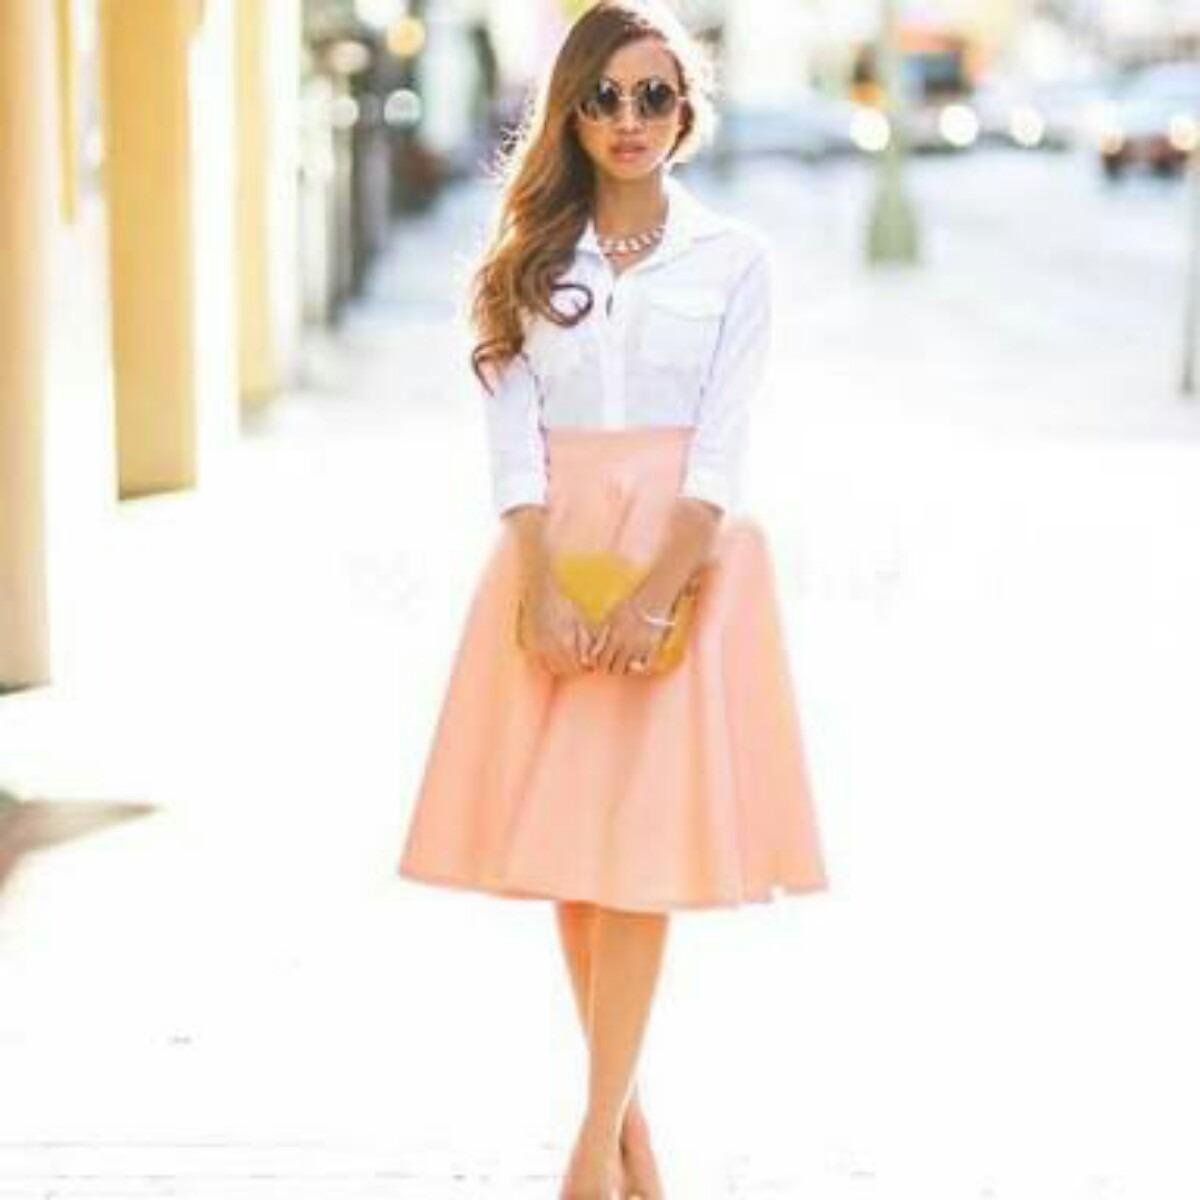 Falda negra en tienda de ropa 1 - 3 6